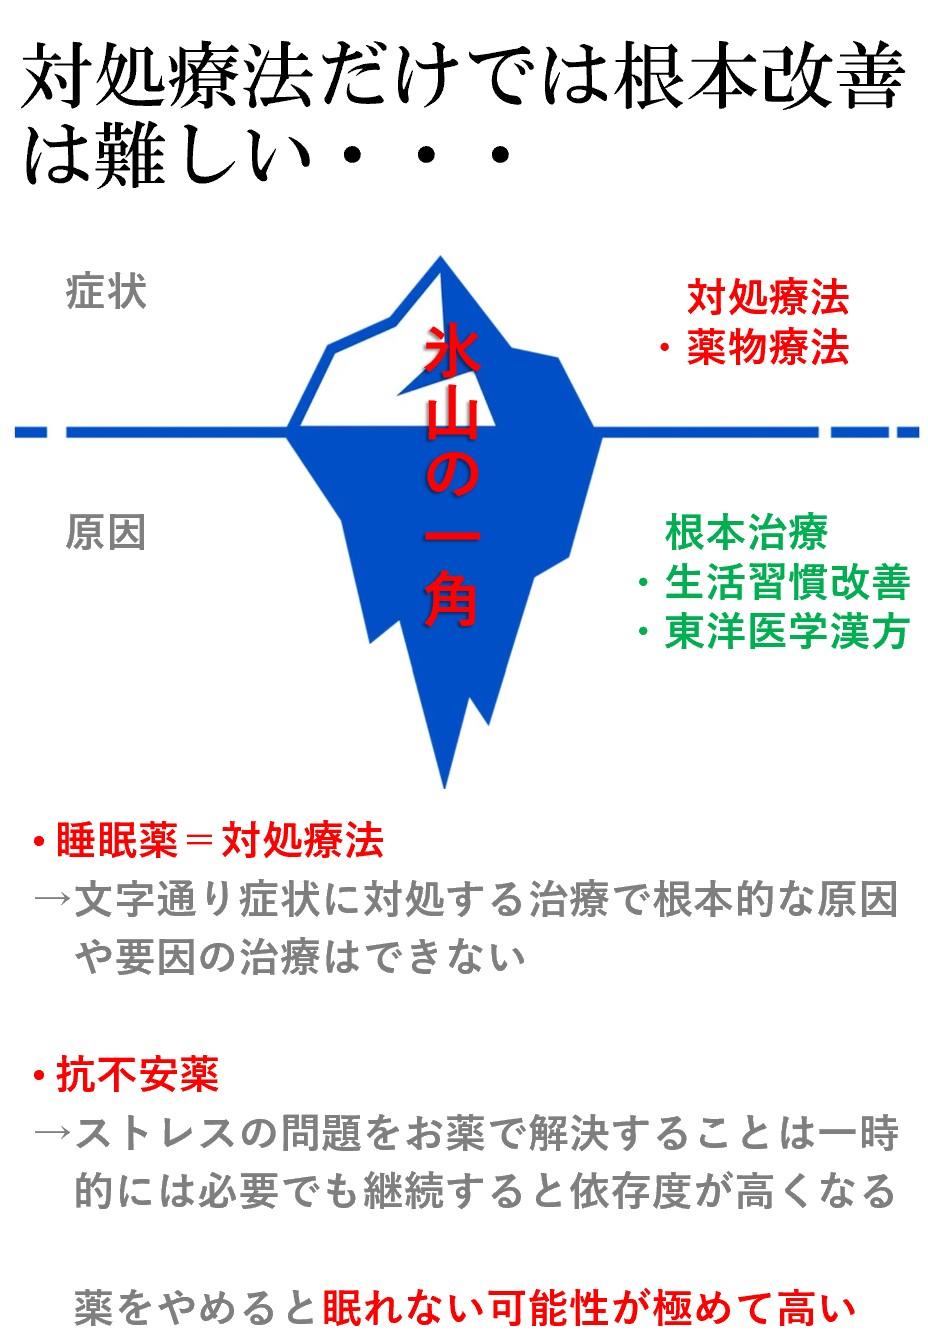 西洋医学対処療法・東洋医学「漢方」による根本へのアプローチ